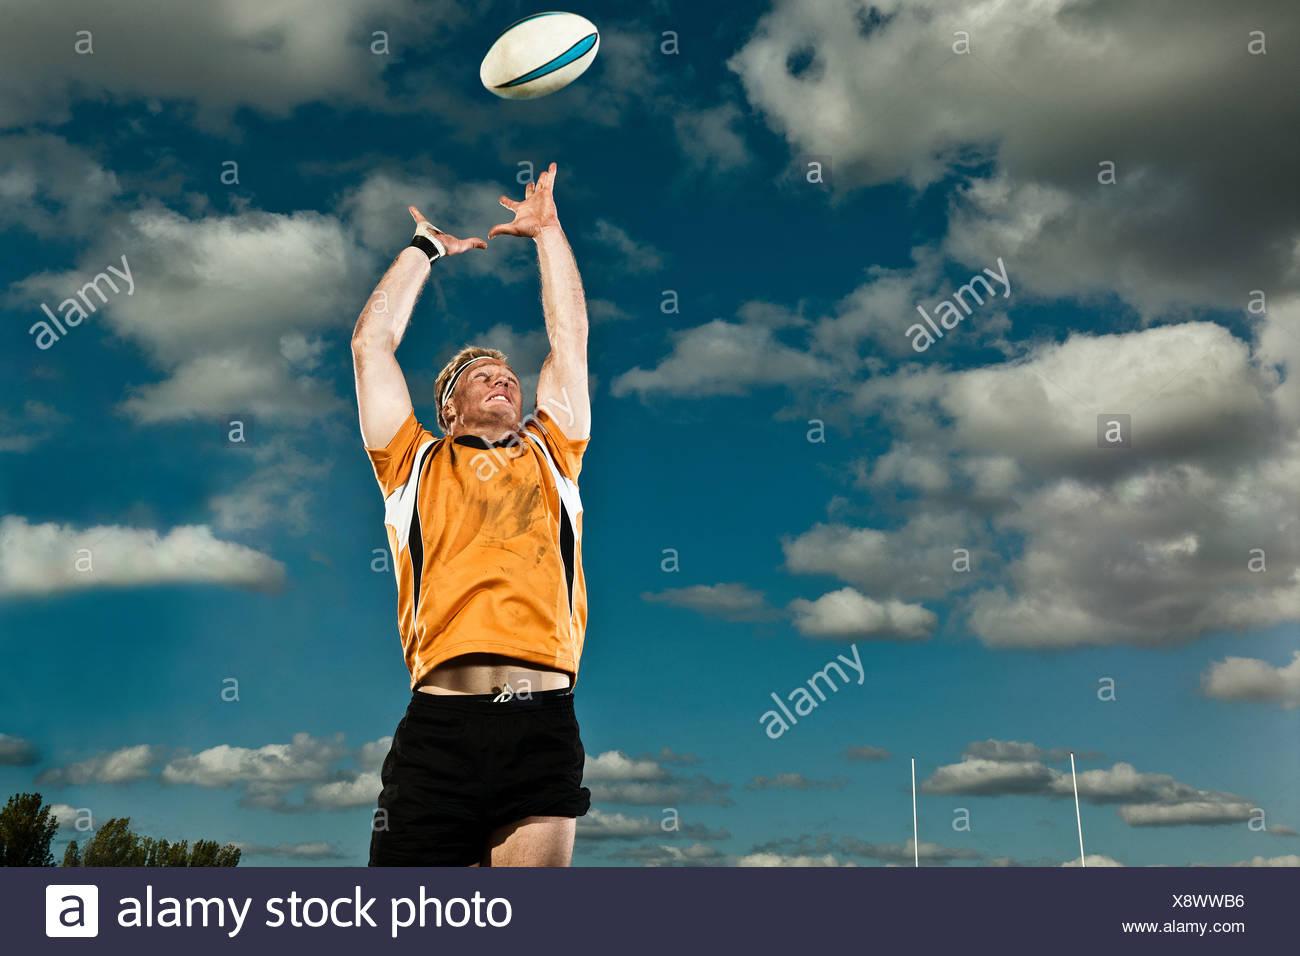 Joueur de Rugby en sautant jusqu'à attraper ball Photo Stock